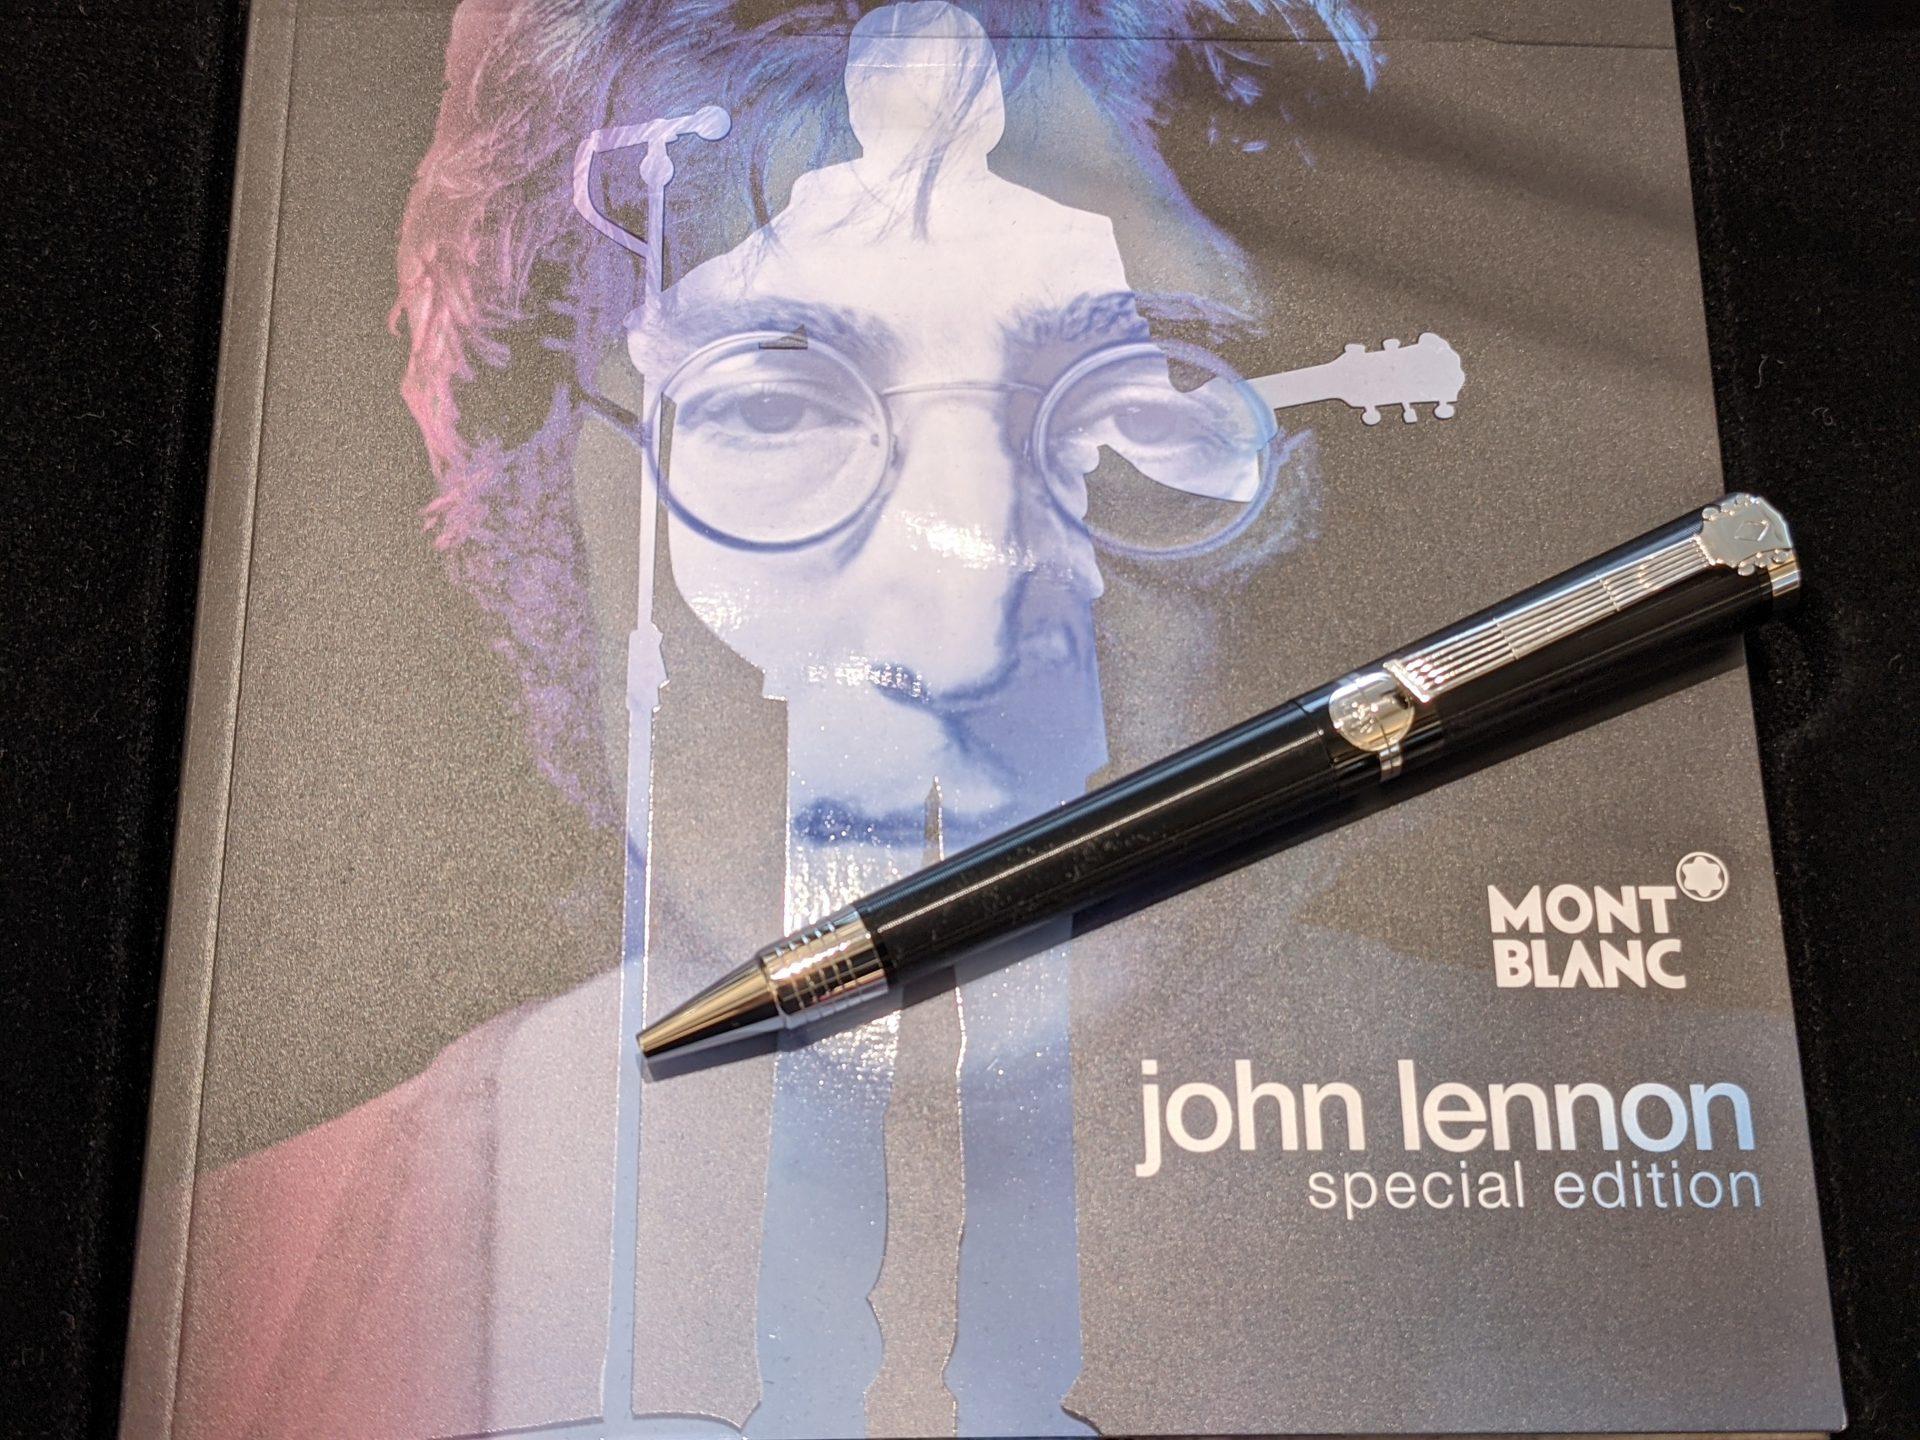 MONTBLANC JOHN LENNONMONTBLANC JOHN LENNON